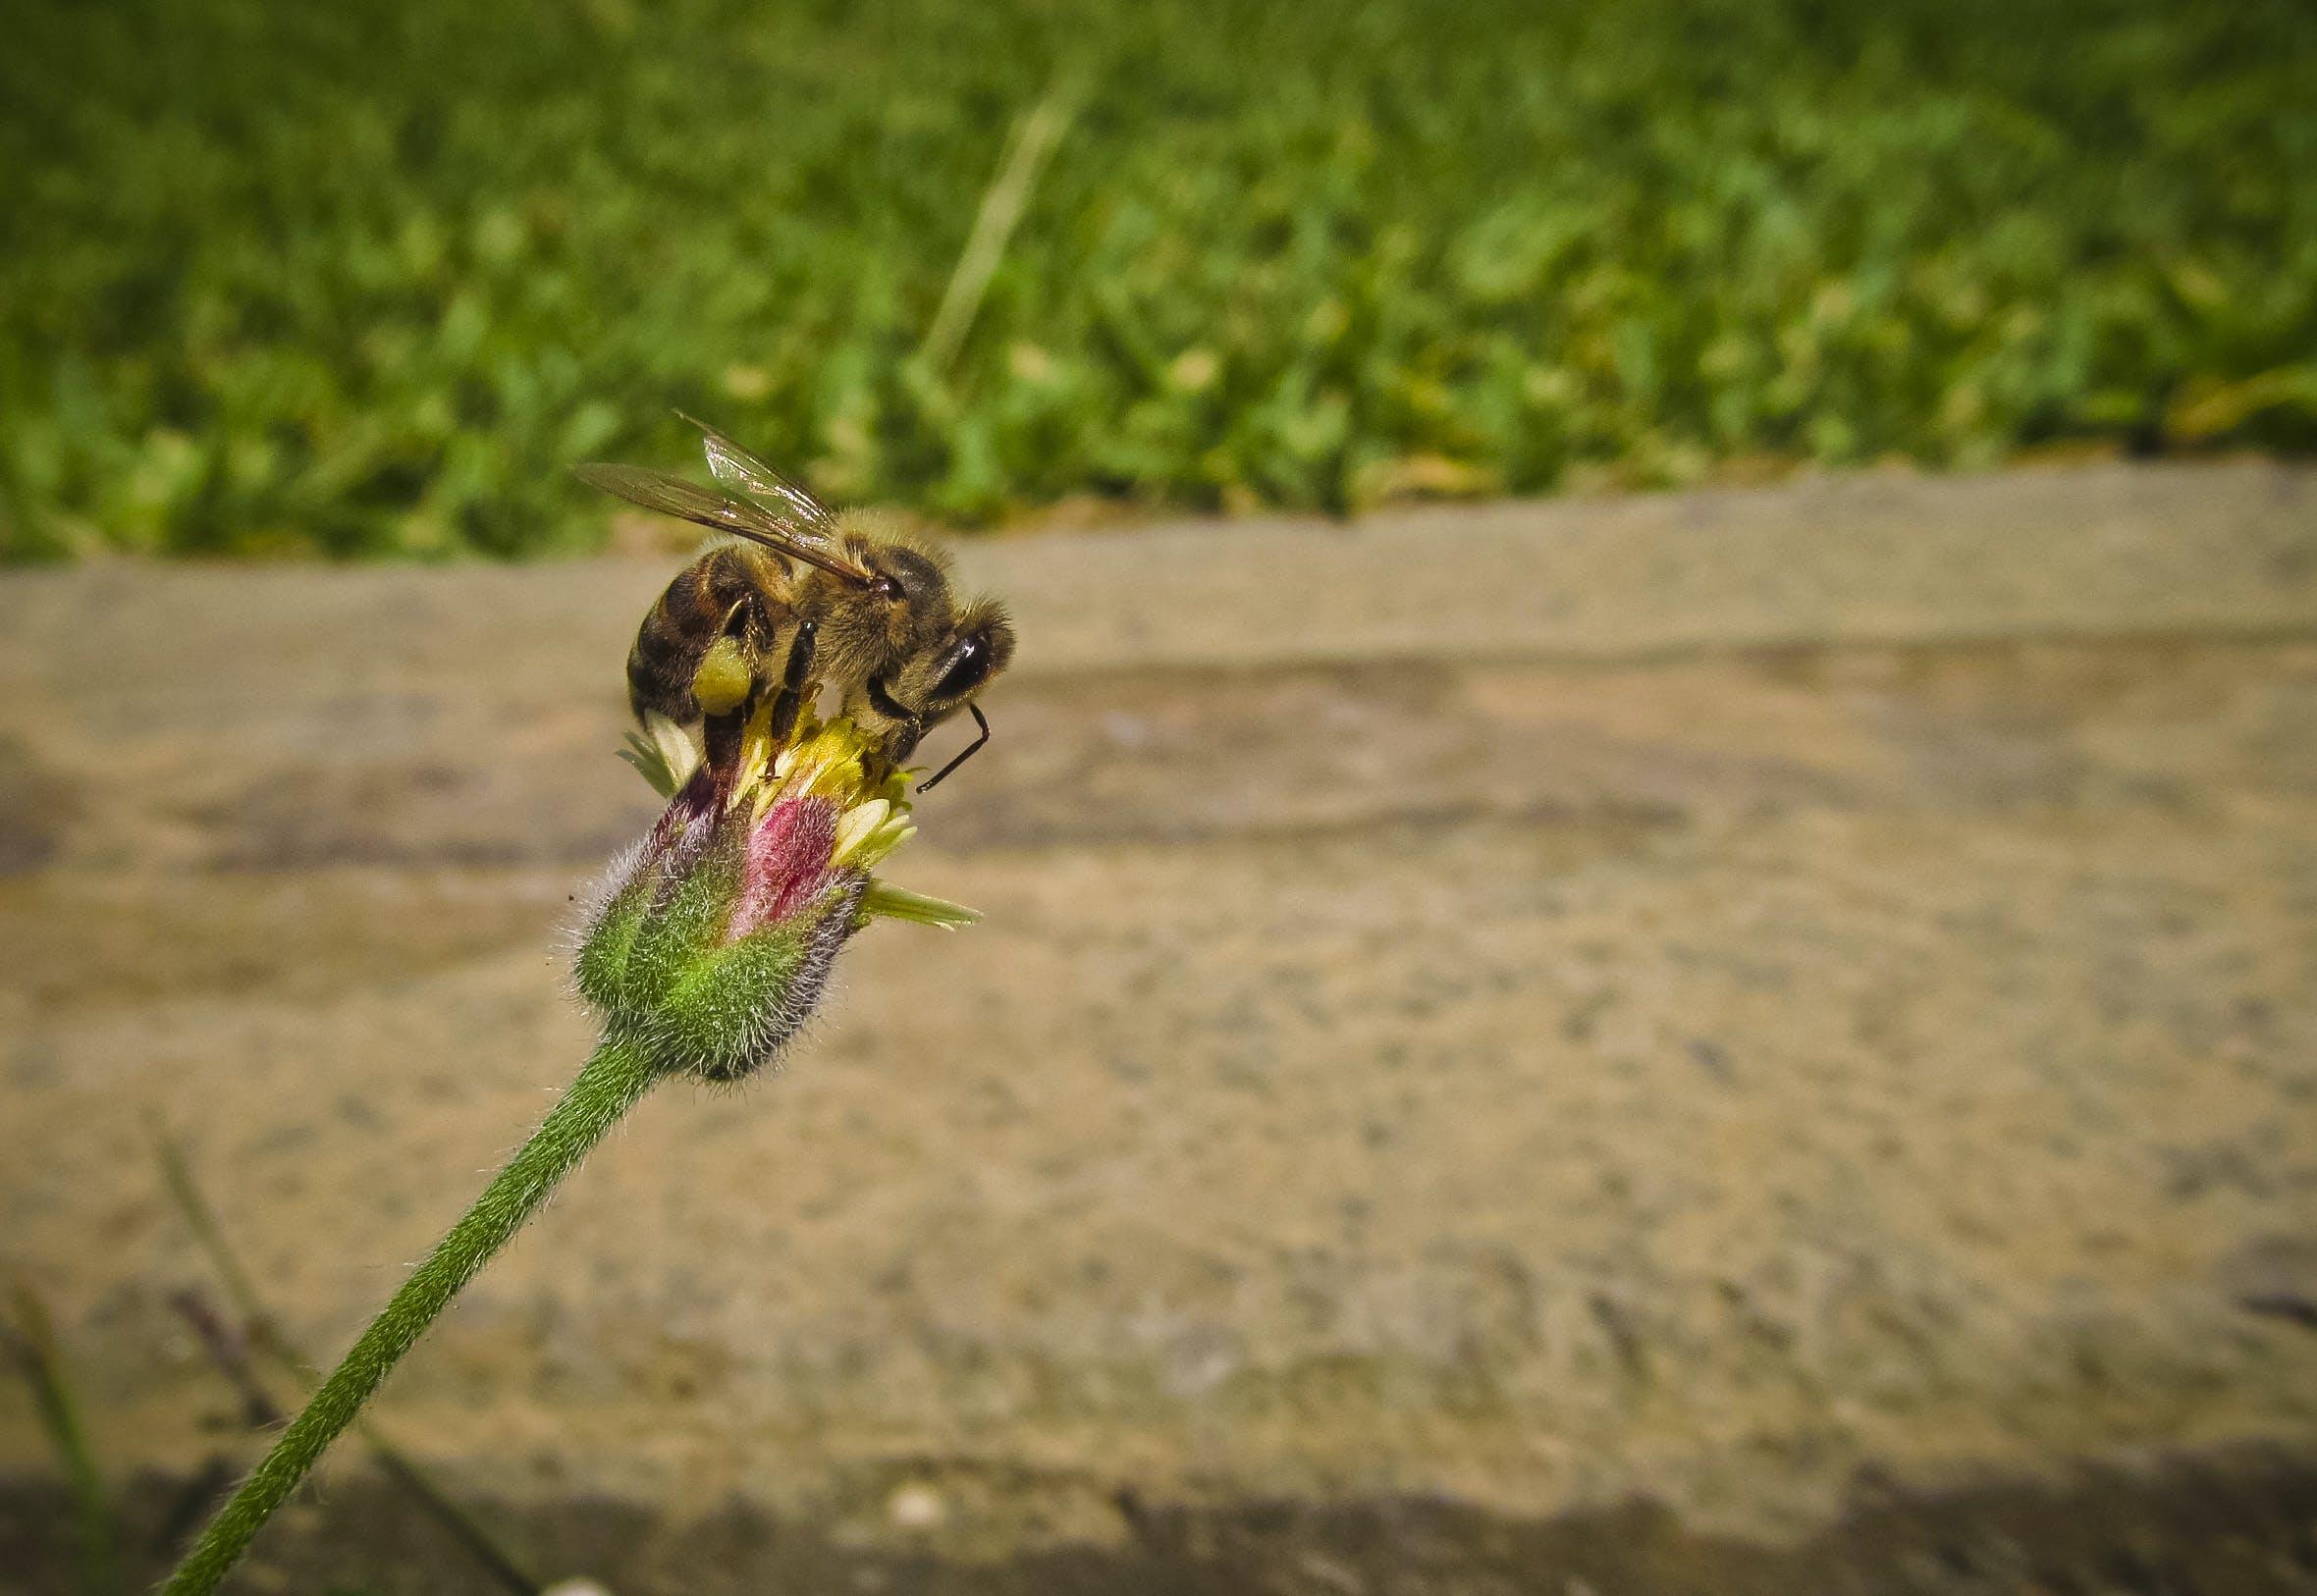 Gratis stockfoto met bij, bloem, bloemknop, insect